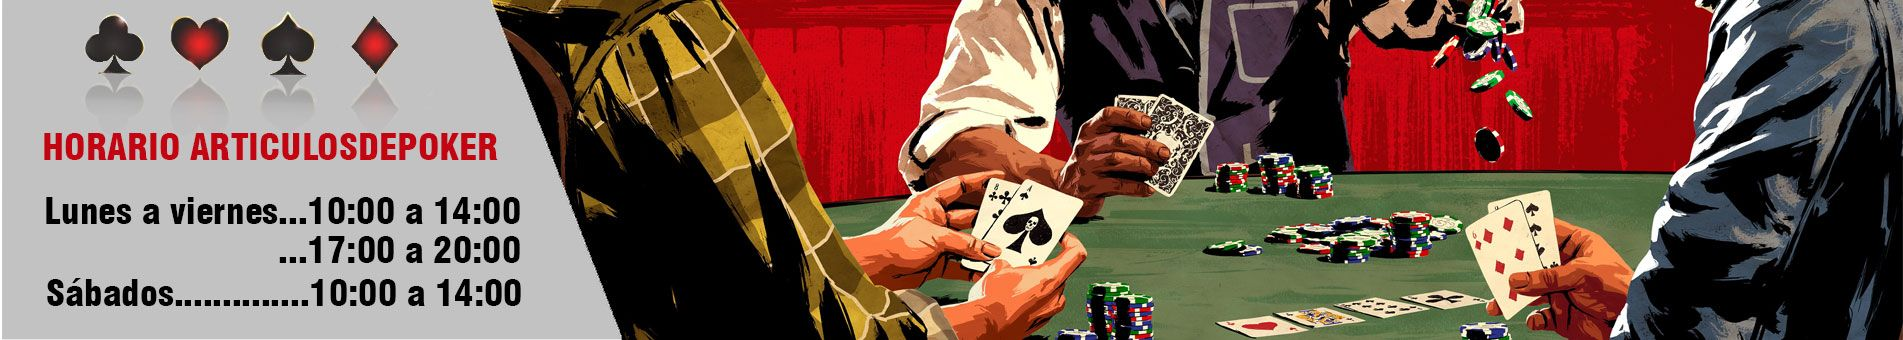 Horarios Articulos de poker